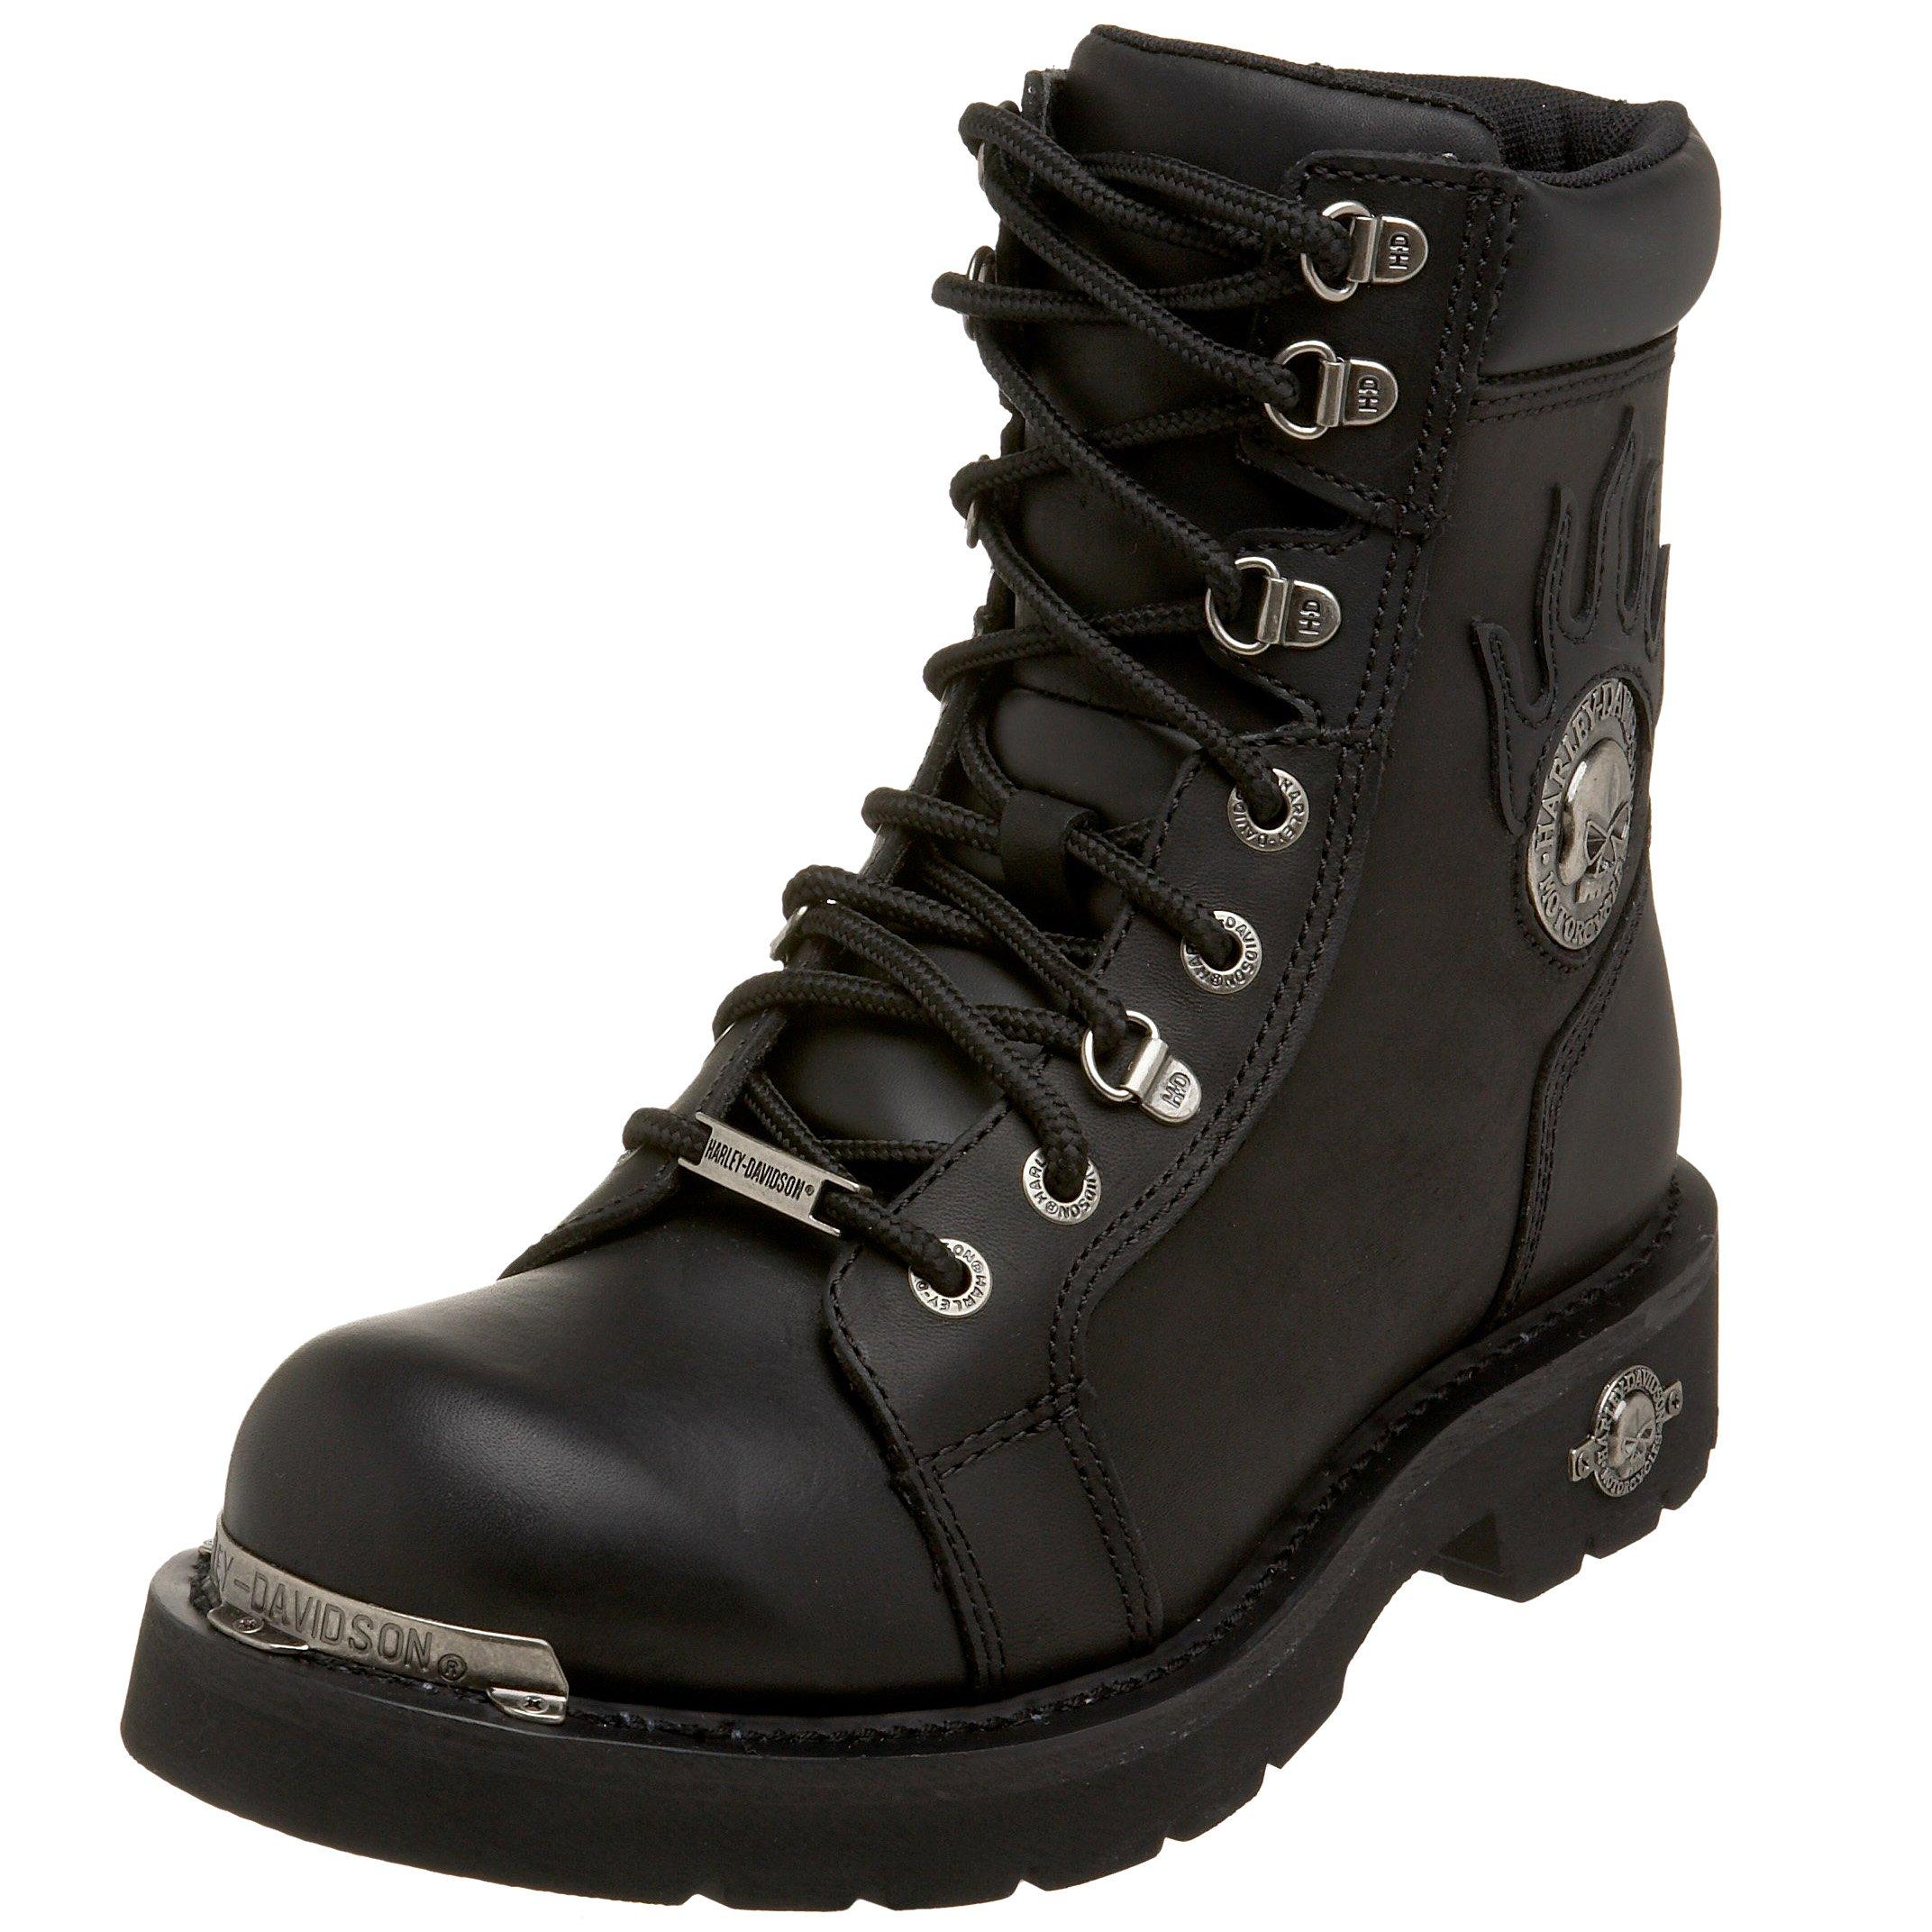 Harley-Davidson Men's Diversion Boot,Black,9 M